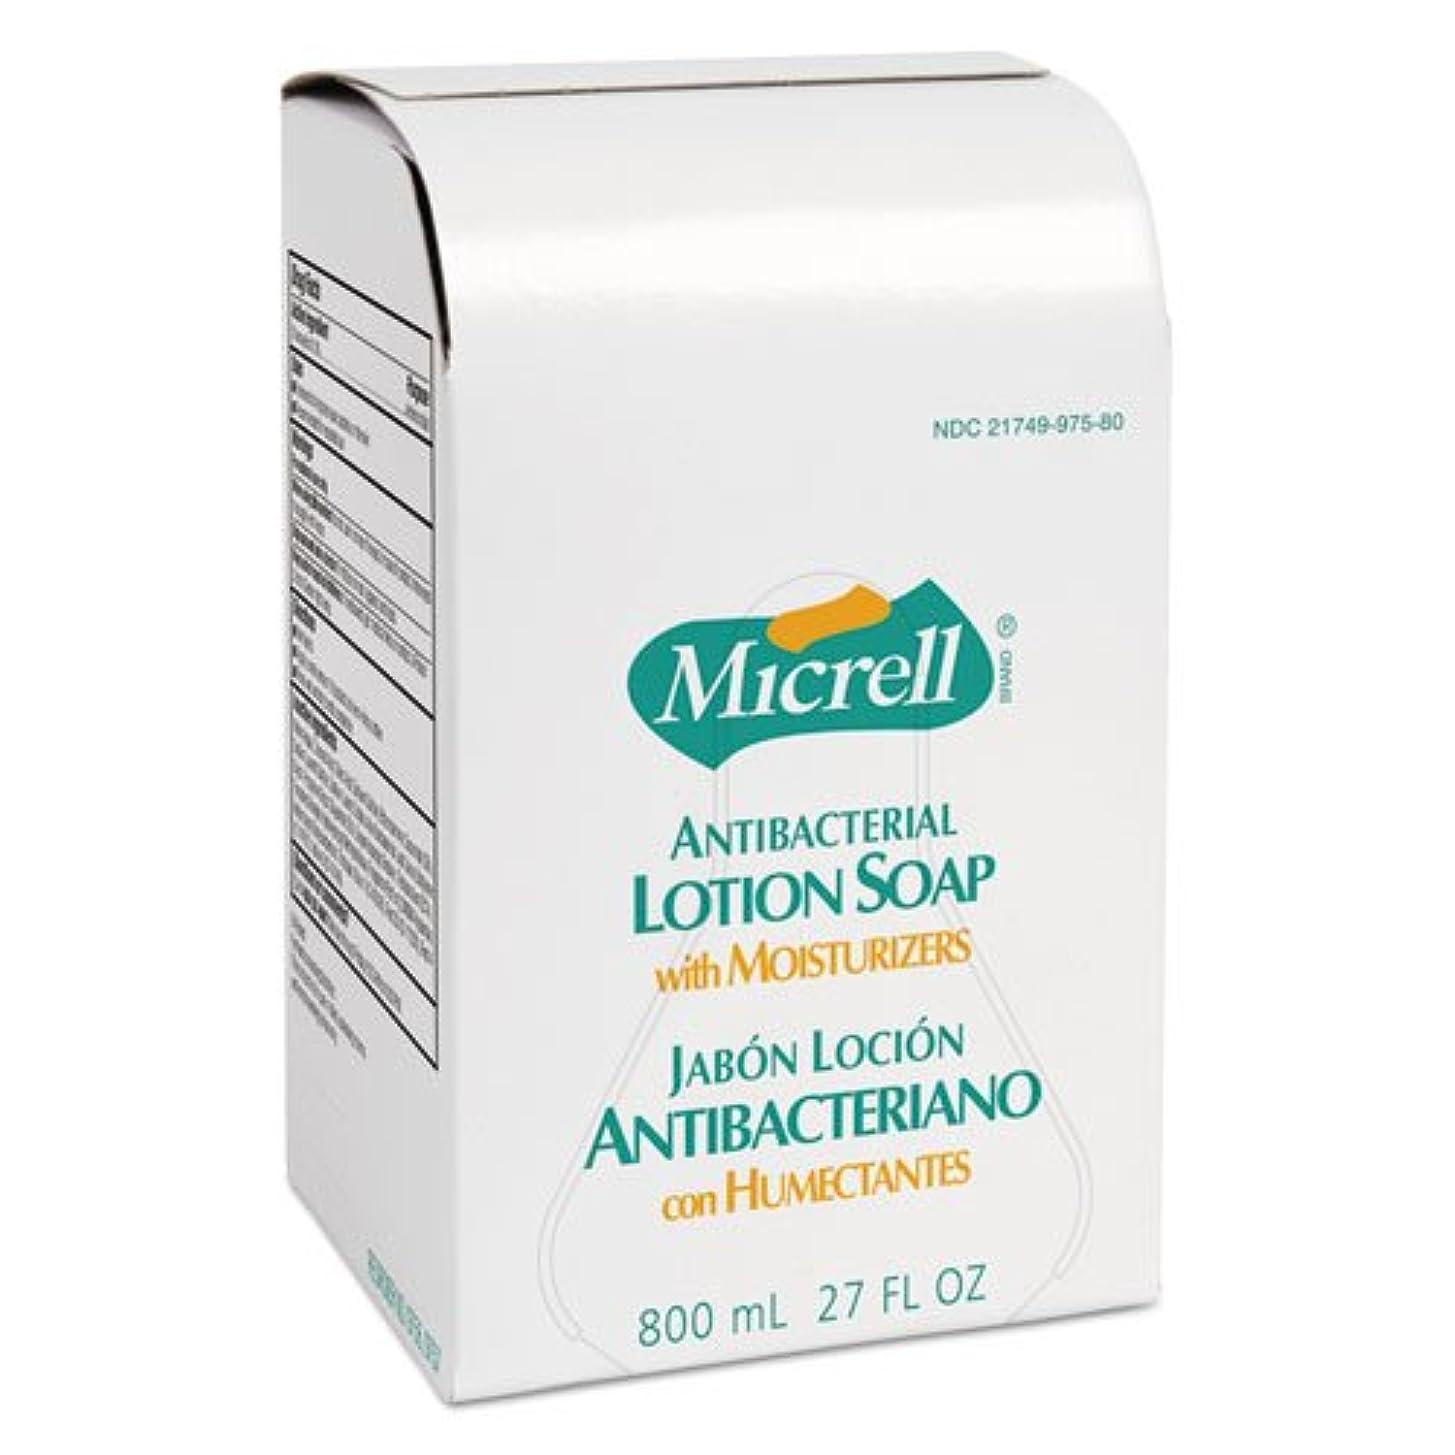 甘いブロック味方goj975606 – MICRELL抗菌ローションソープ